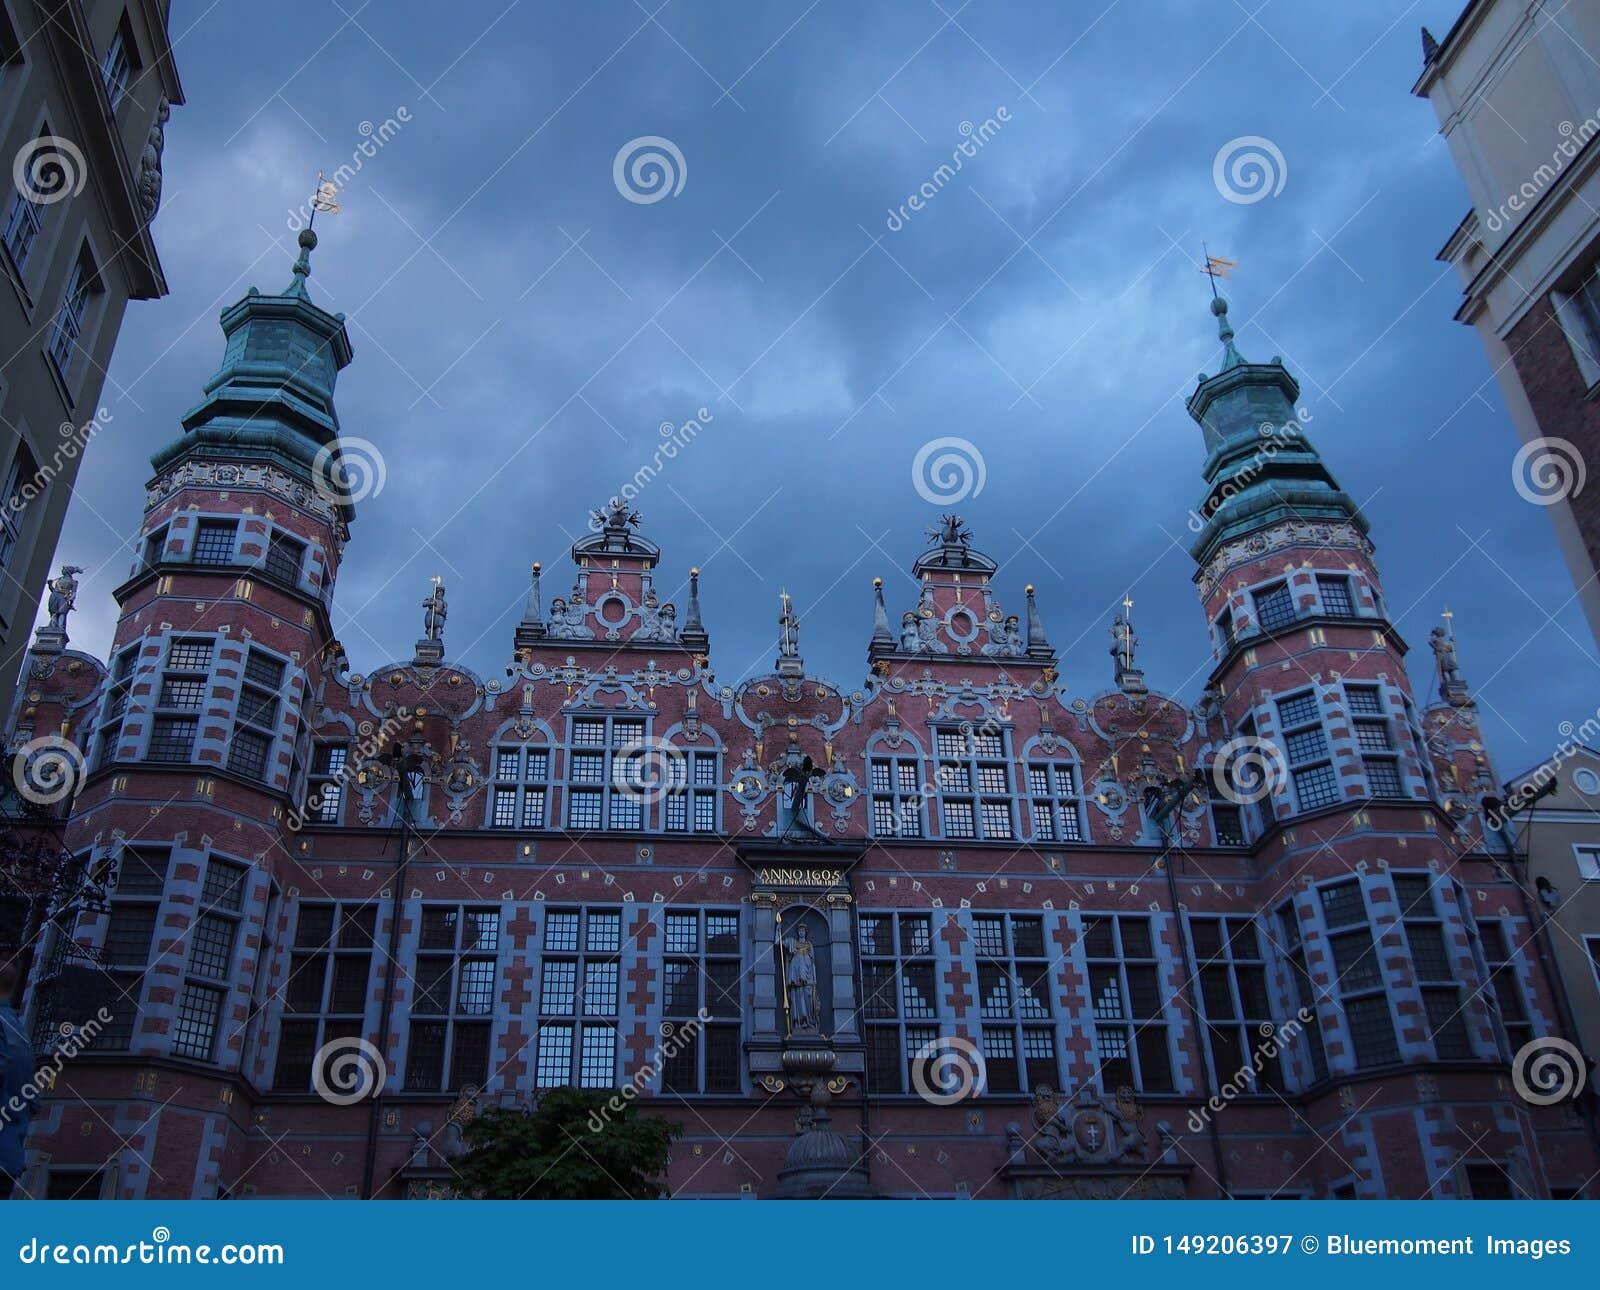 Decora??es da luz de Natal no castelo ducal em Szczecin